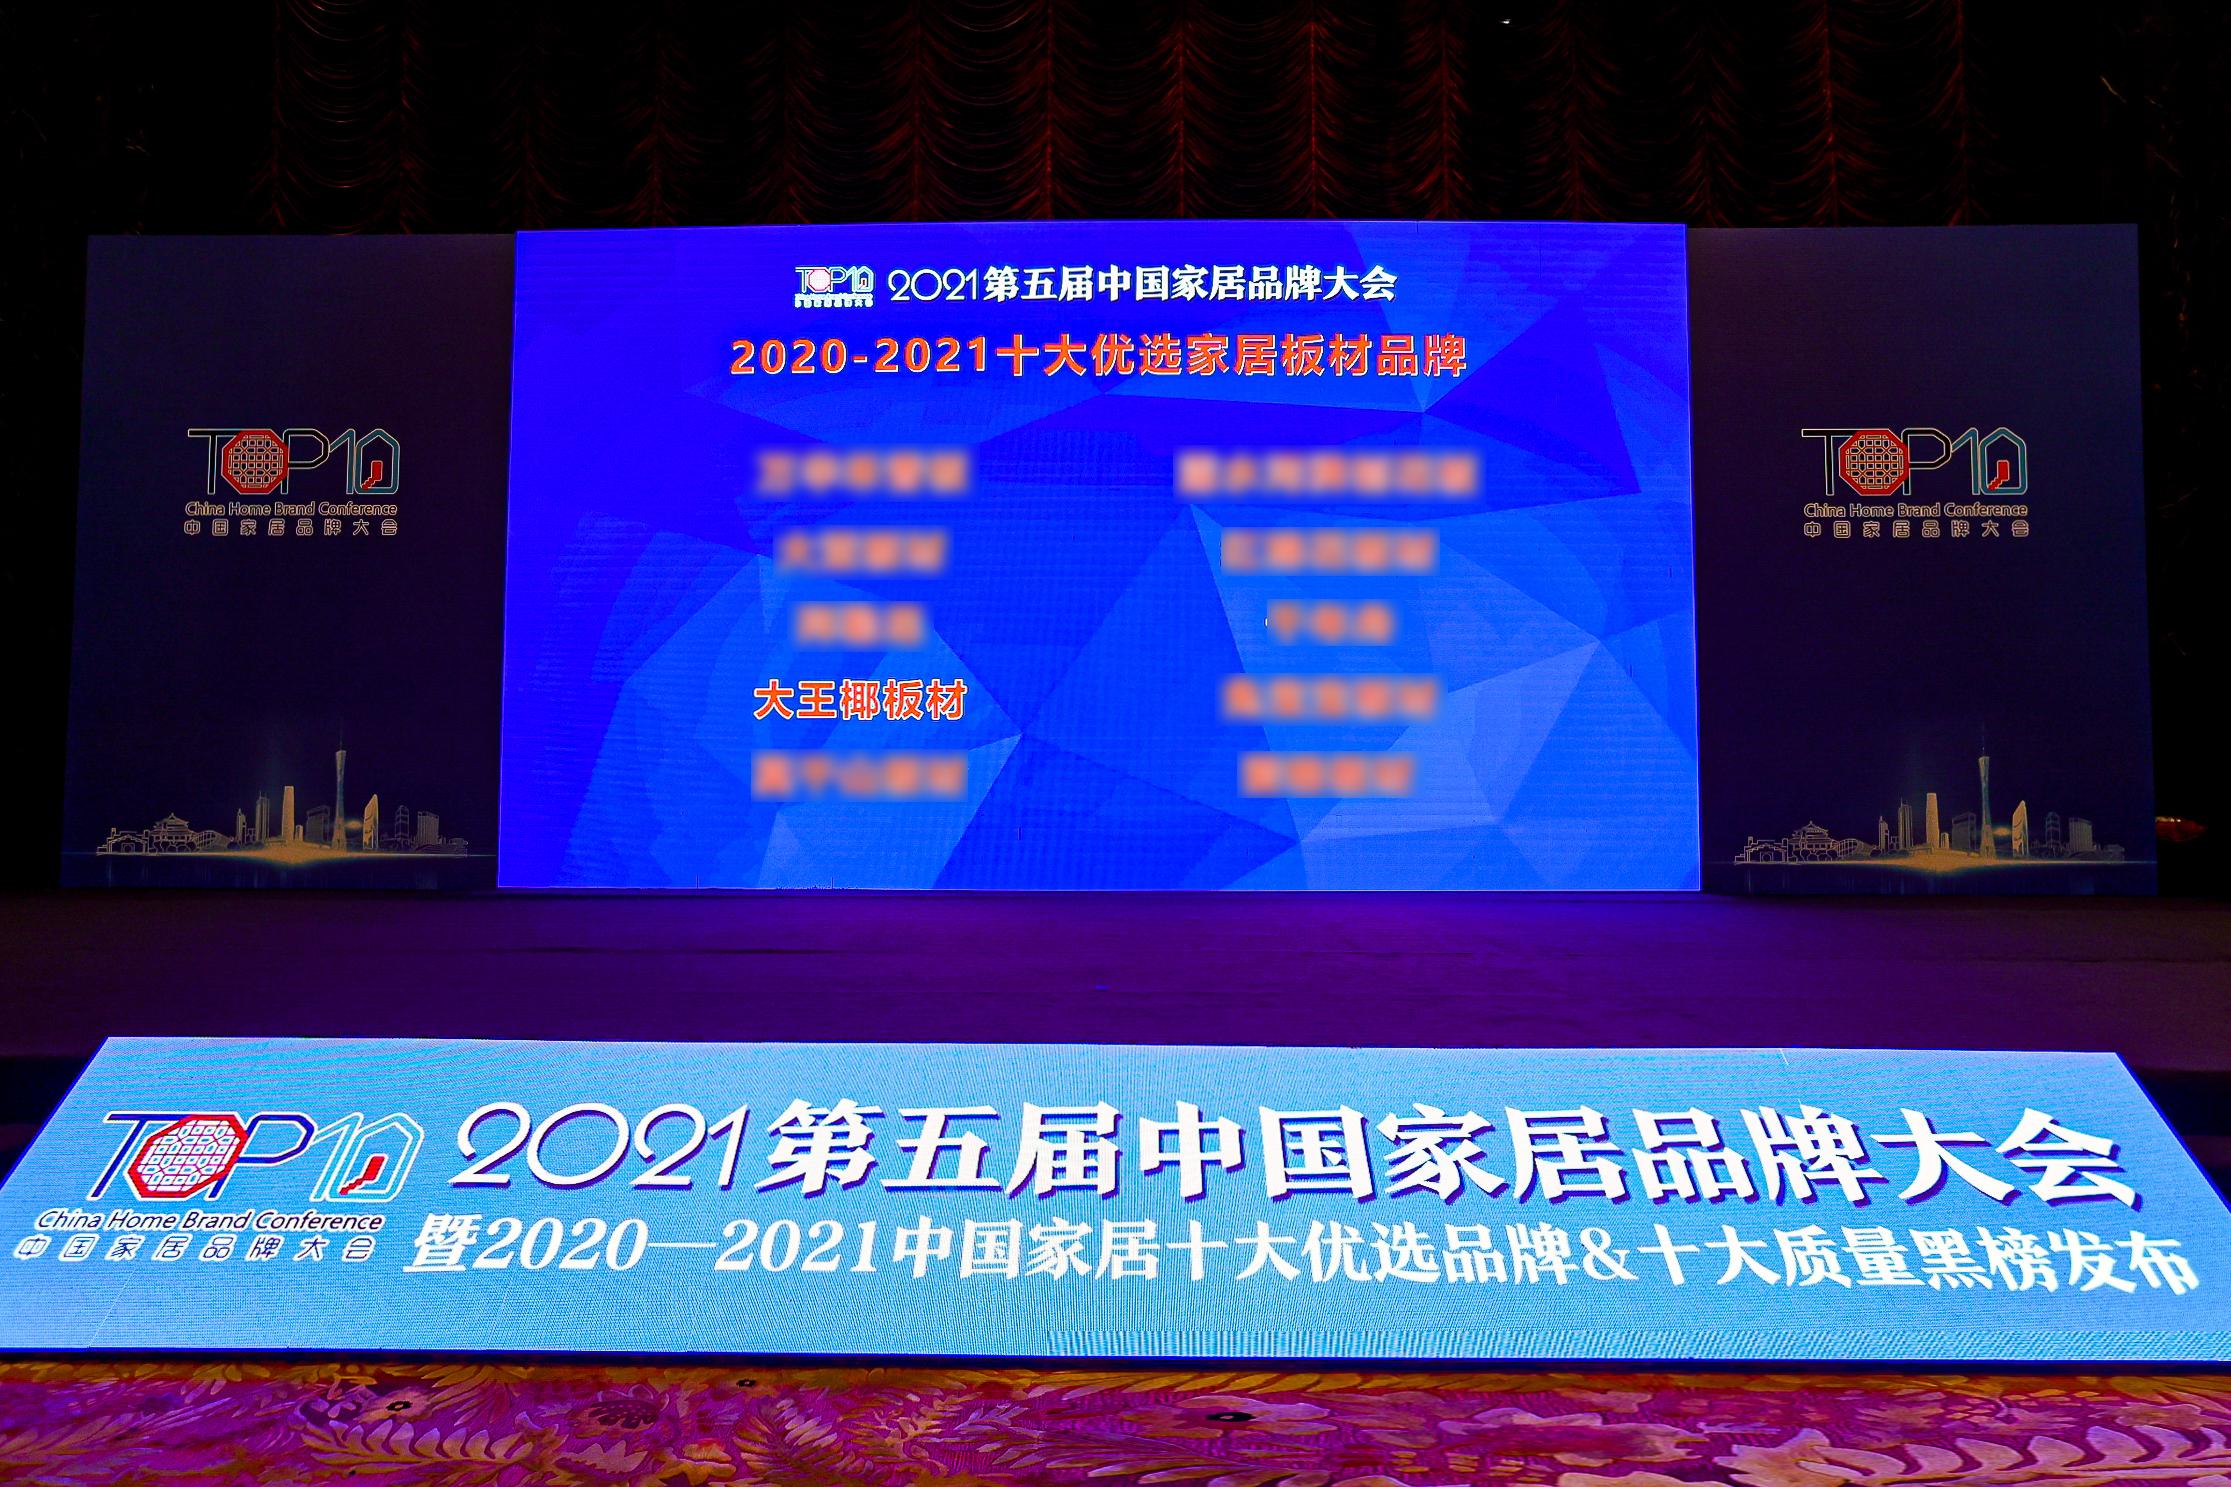 荣誉见证∣大王椰上榜2020-2021十大优选家居板材品牌